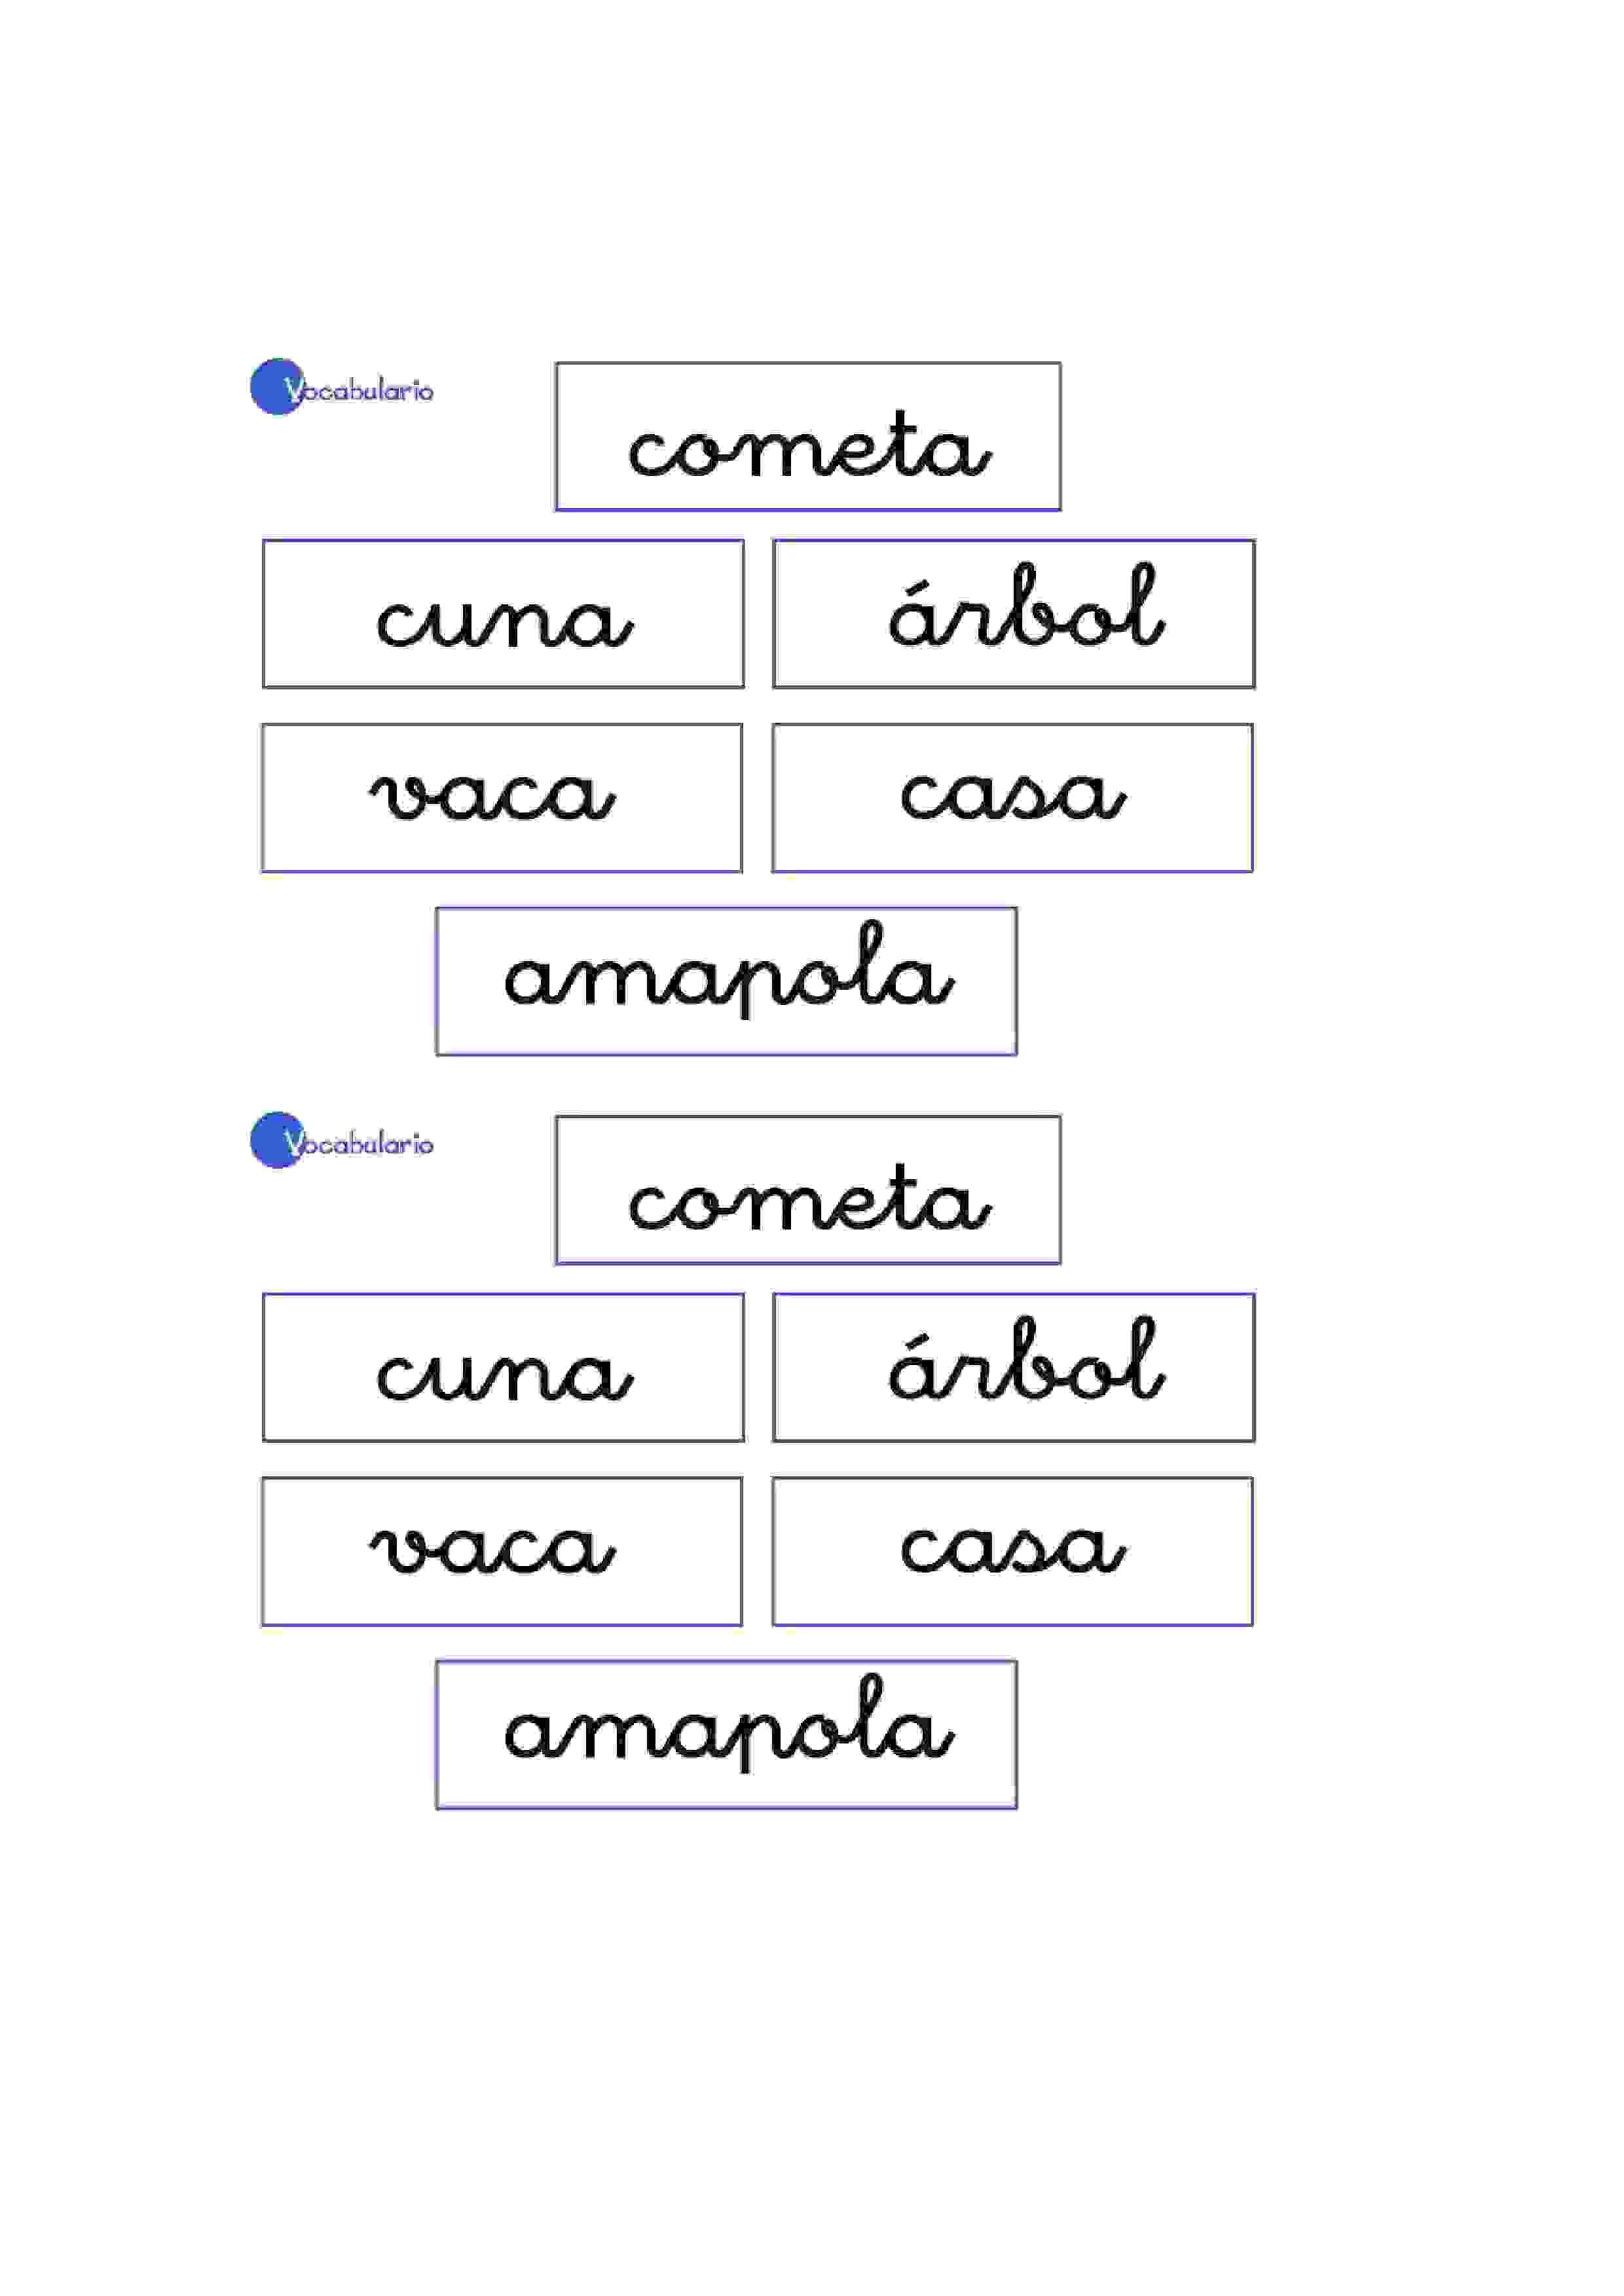 Lernübungen für kinder zu drucken. Vokabular Spanisch zu lernen 1 ...